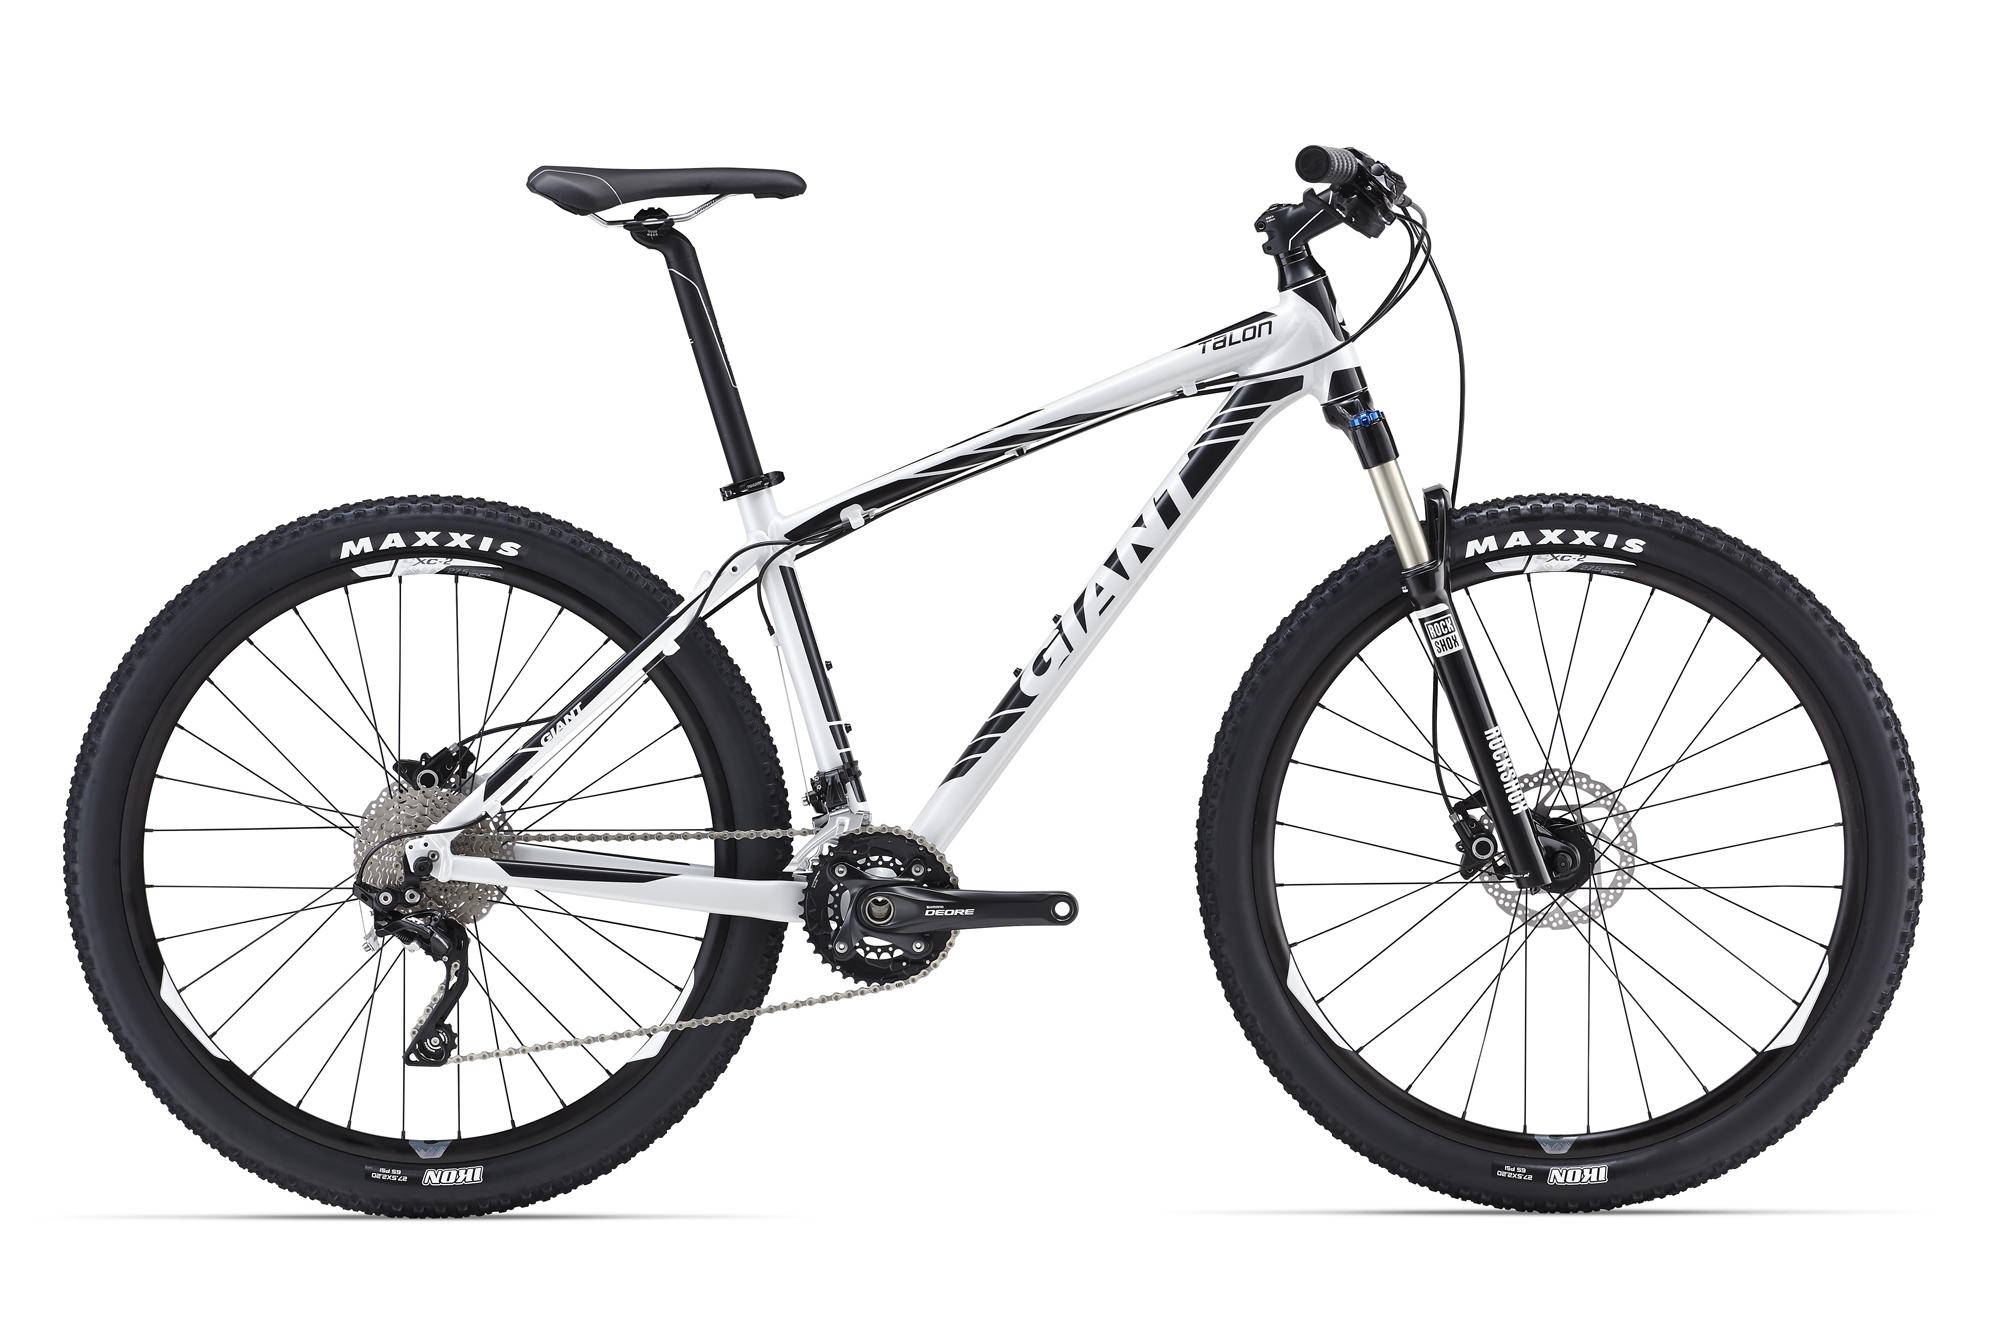 """Велосипед Talon 27.5 1 Колесо:27,5"""" Рама:M Цвет:Белый/Черный от Ravta"""